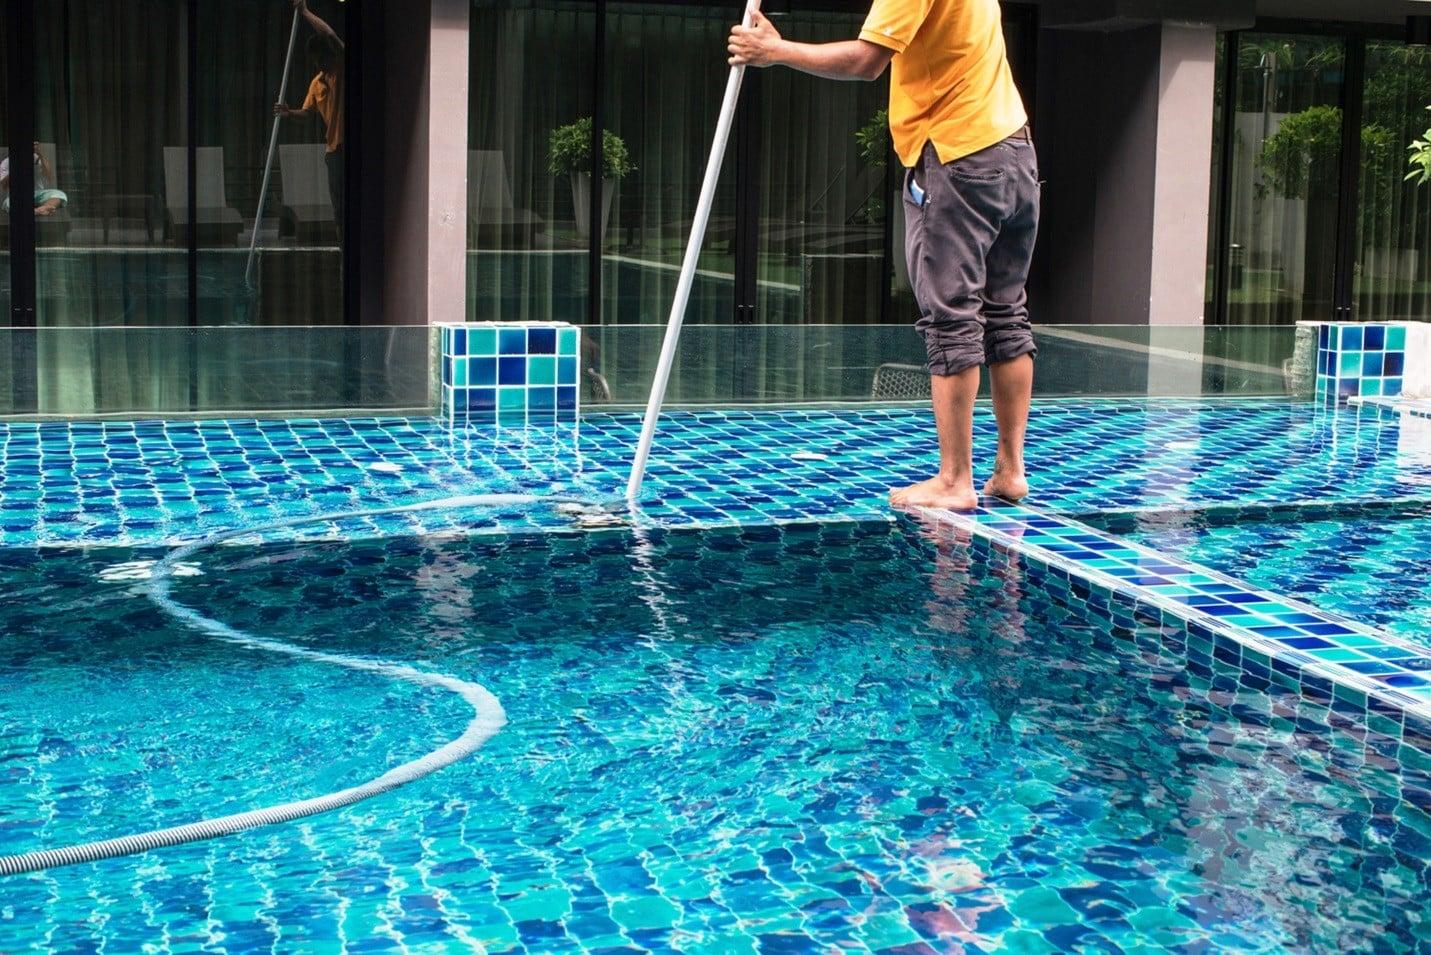 Чем обрабатывают воду в бассейне | Можно ли поливать водой из бассейна огород, газон, цветы